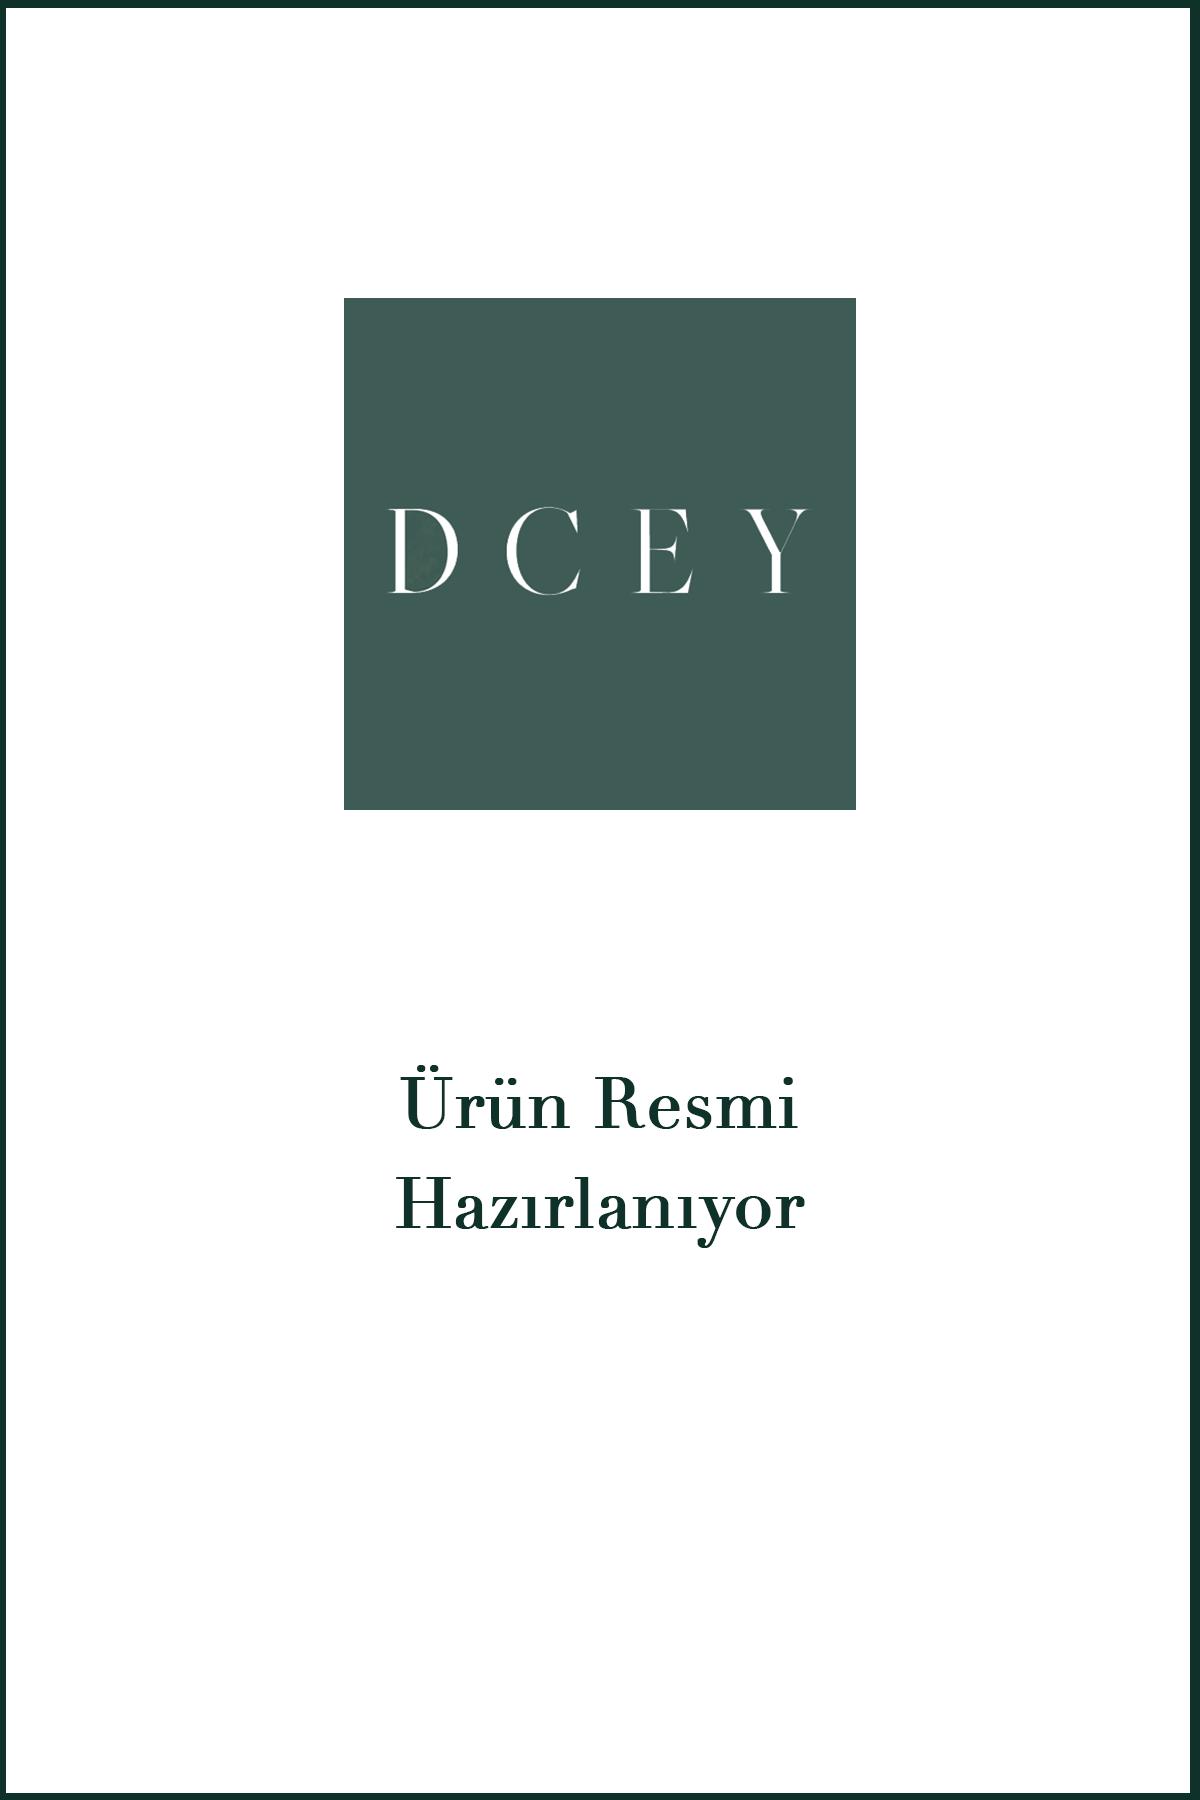 Mademoiselle Neon Mini Elbise